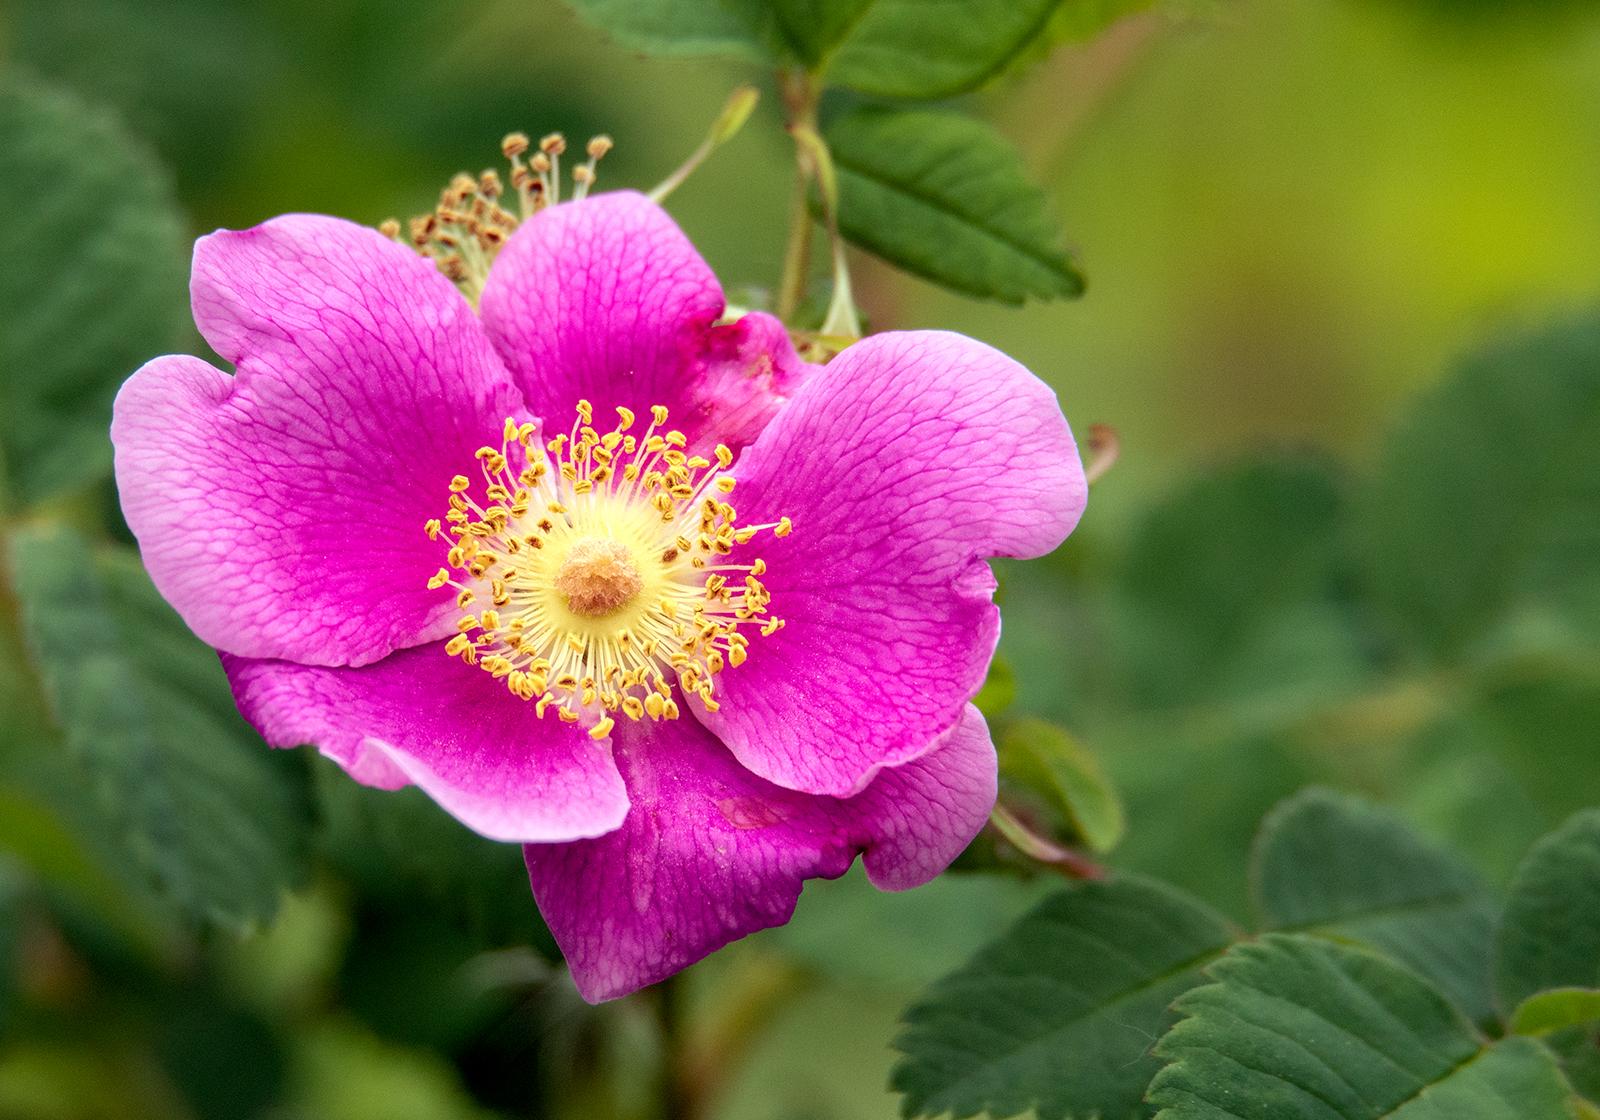 Wild Rose shot at 600mm's!